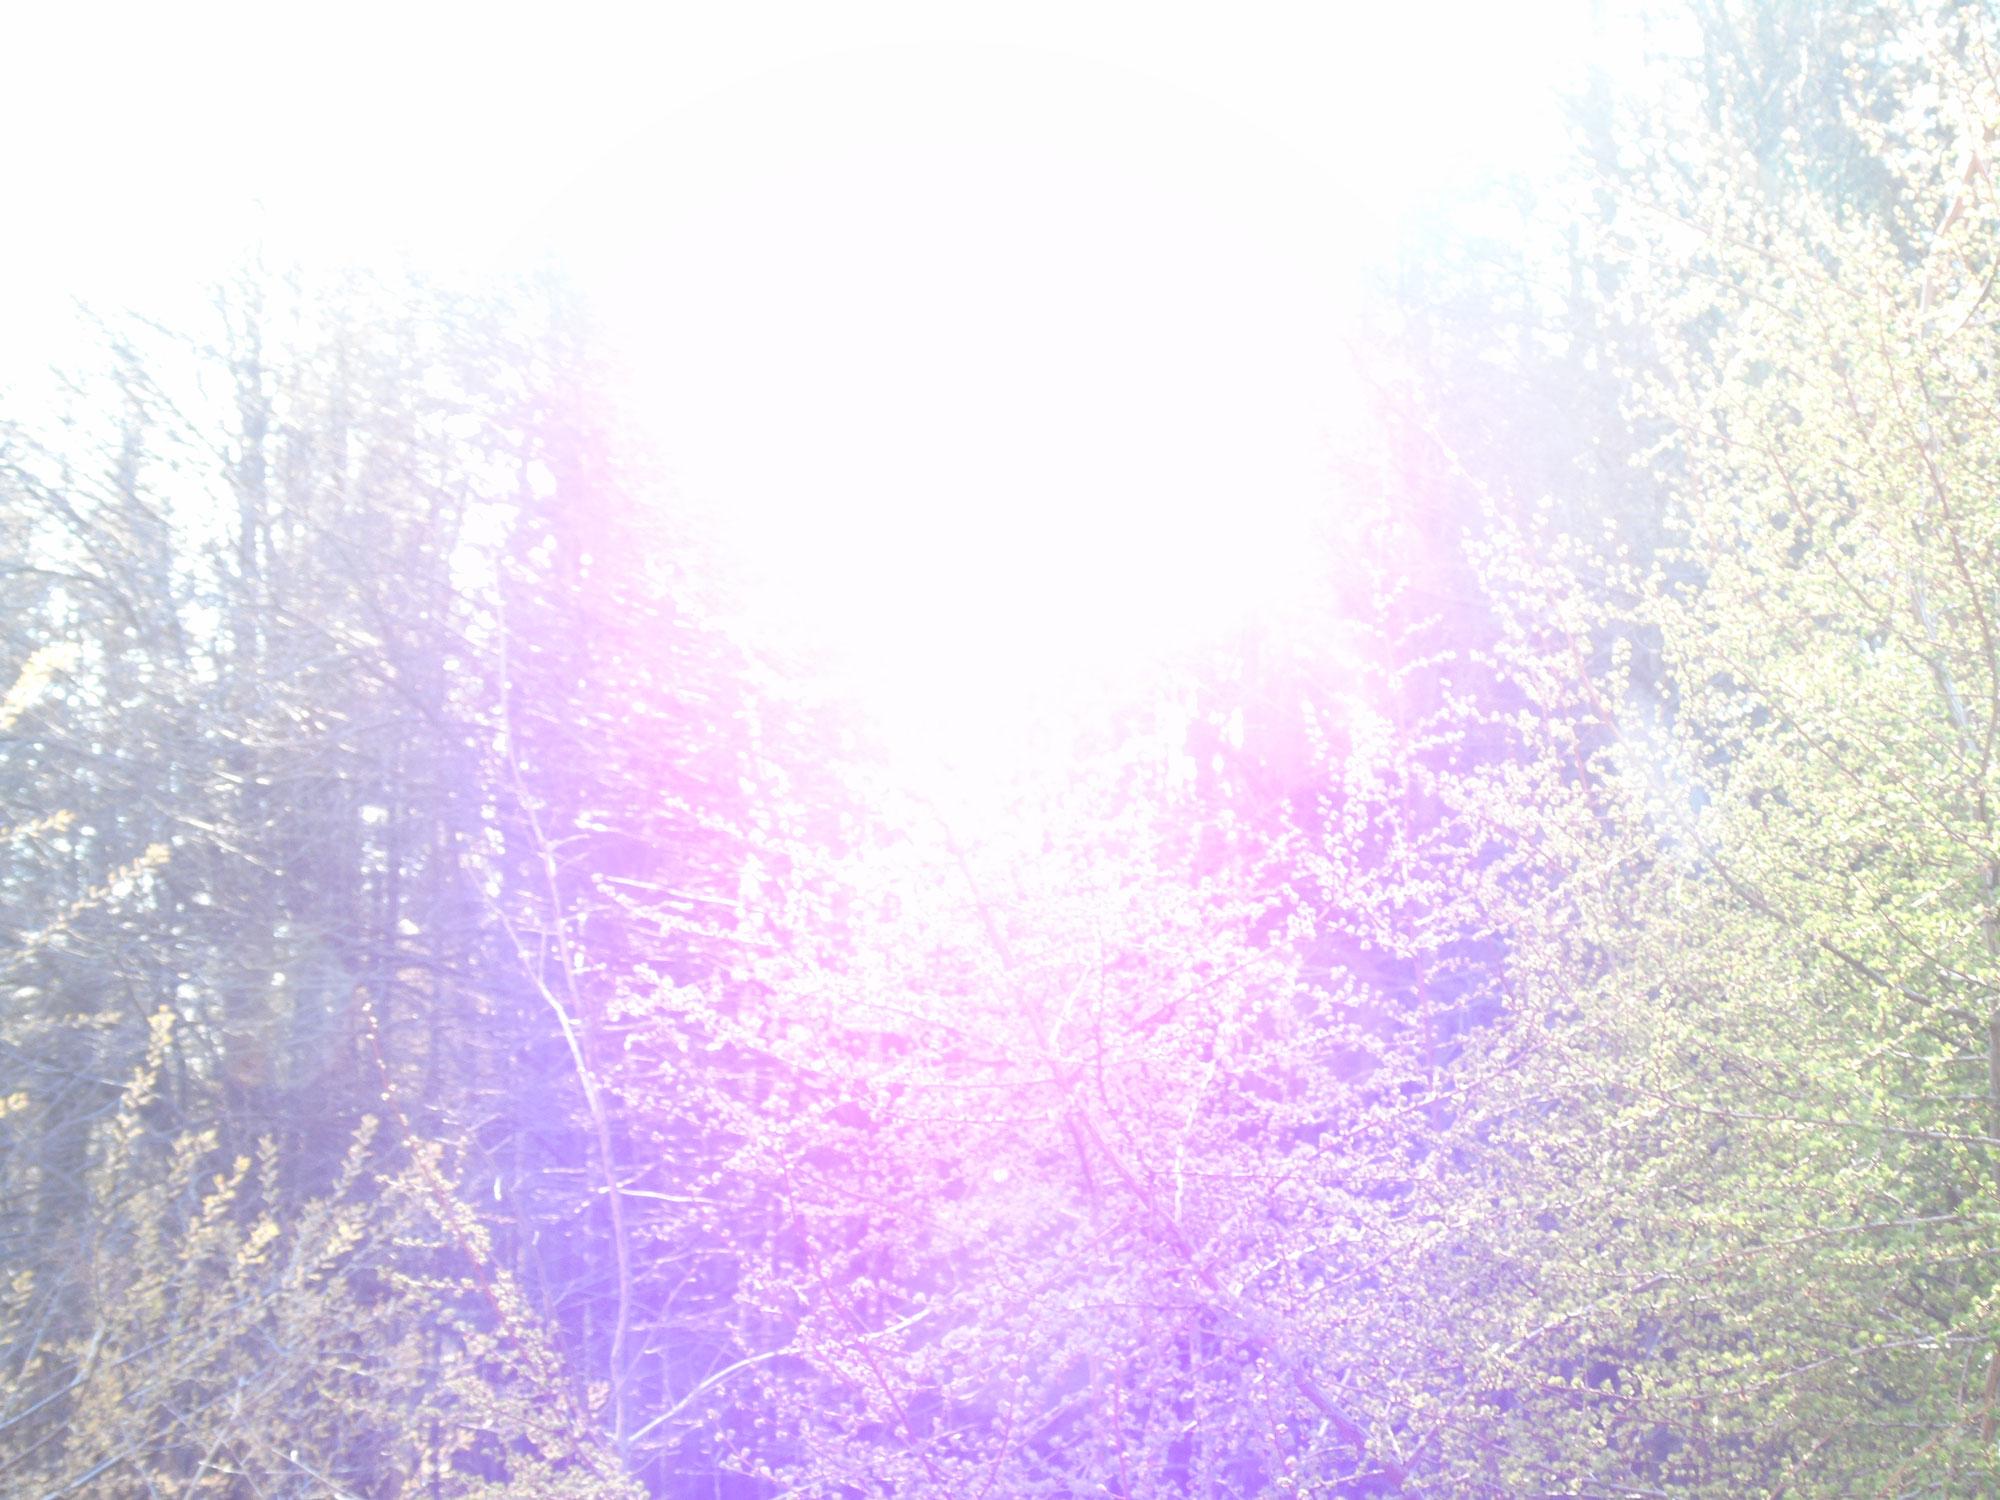 Waldspaziergang am Freitag - 18